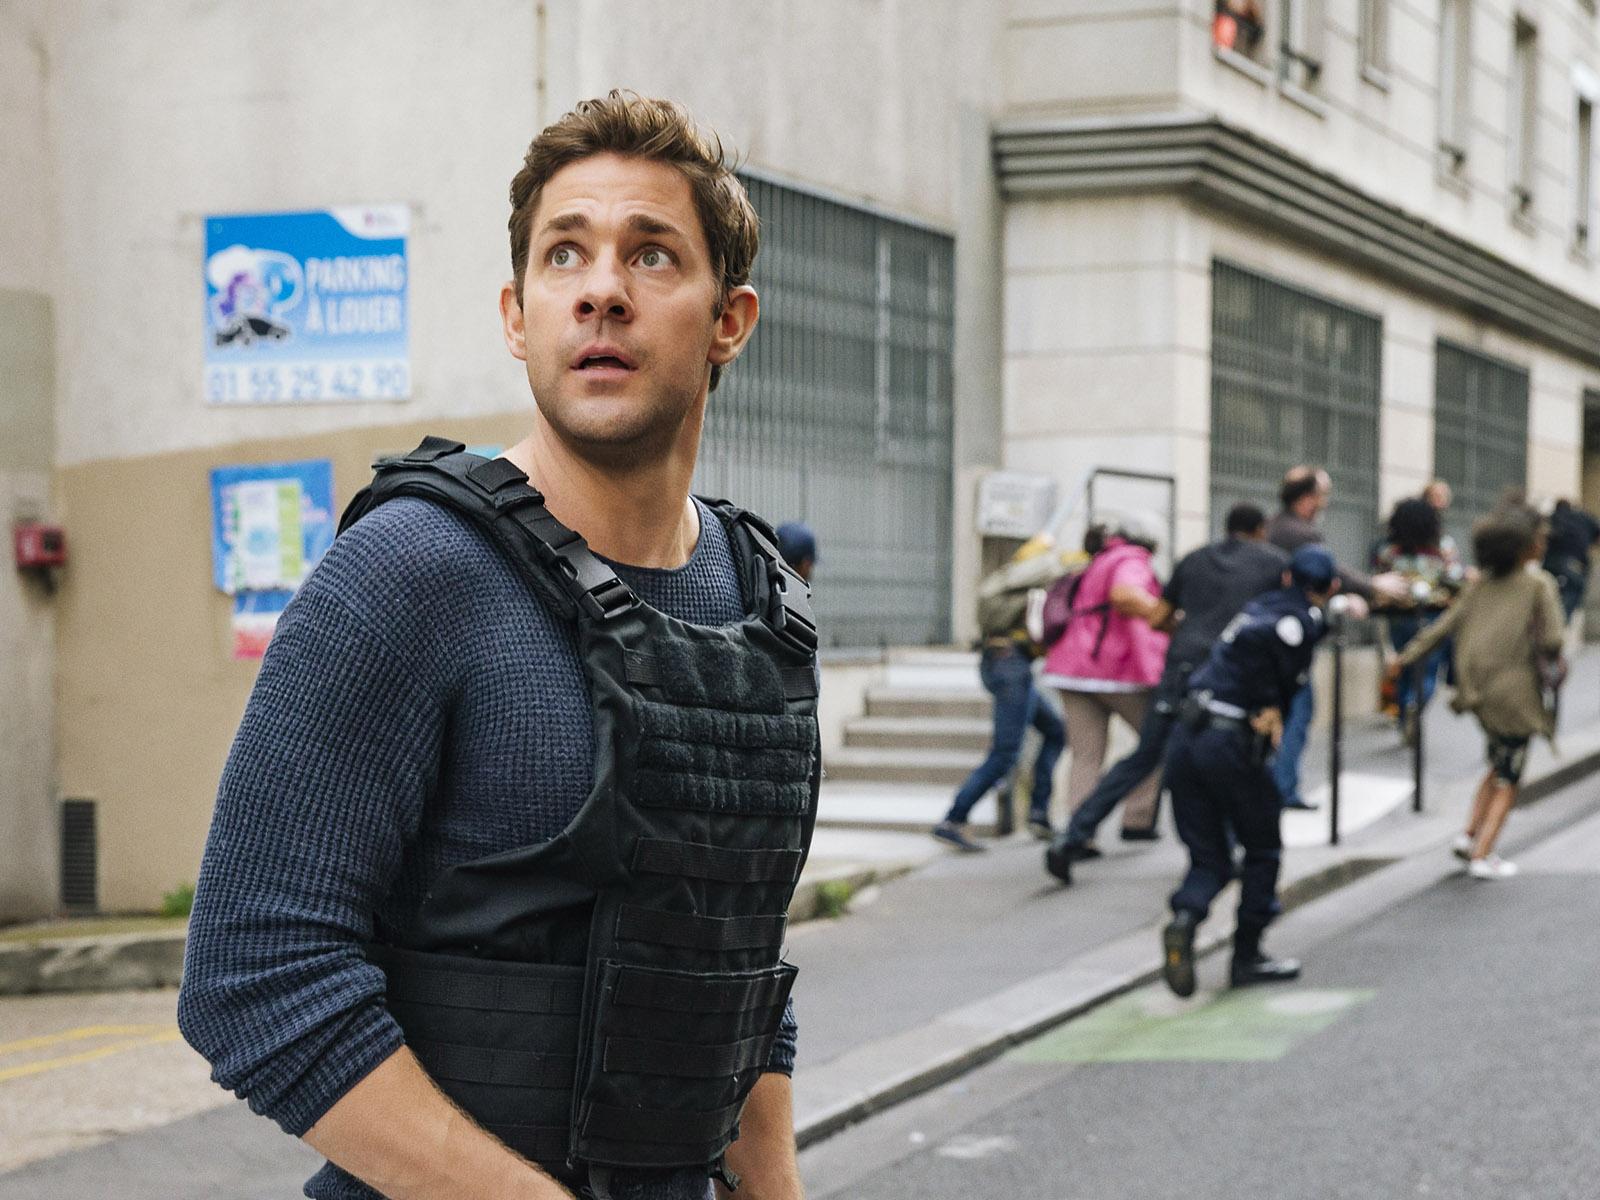 由尊卡辛斯基主演的《Tom Clancy's Jack Ryan》動作及爆破場面連場。